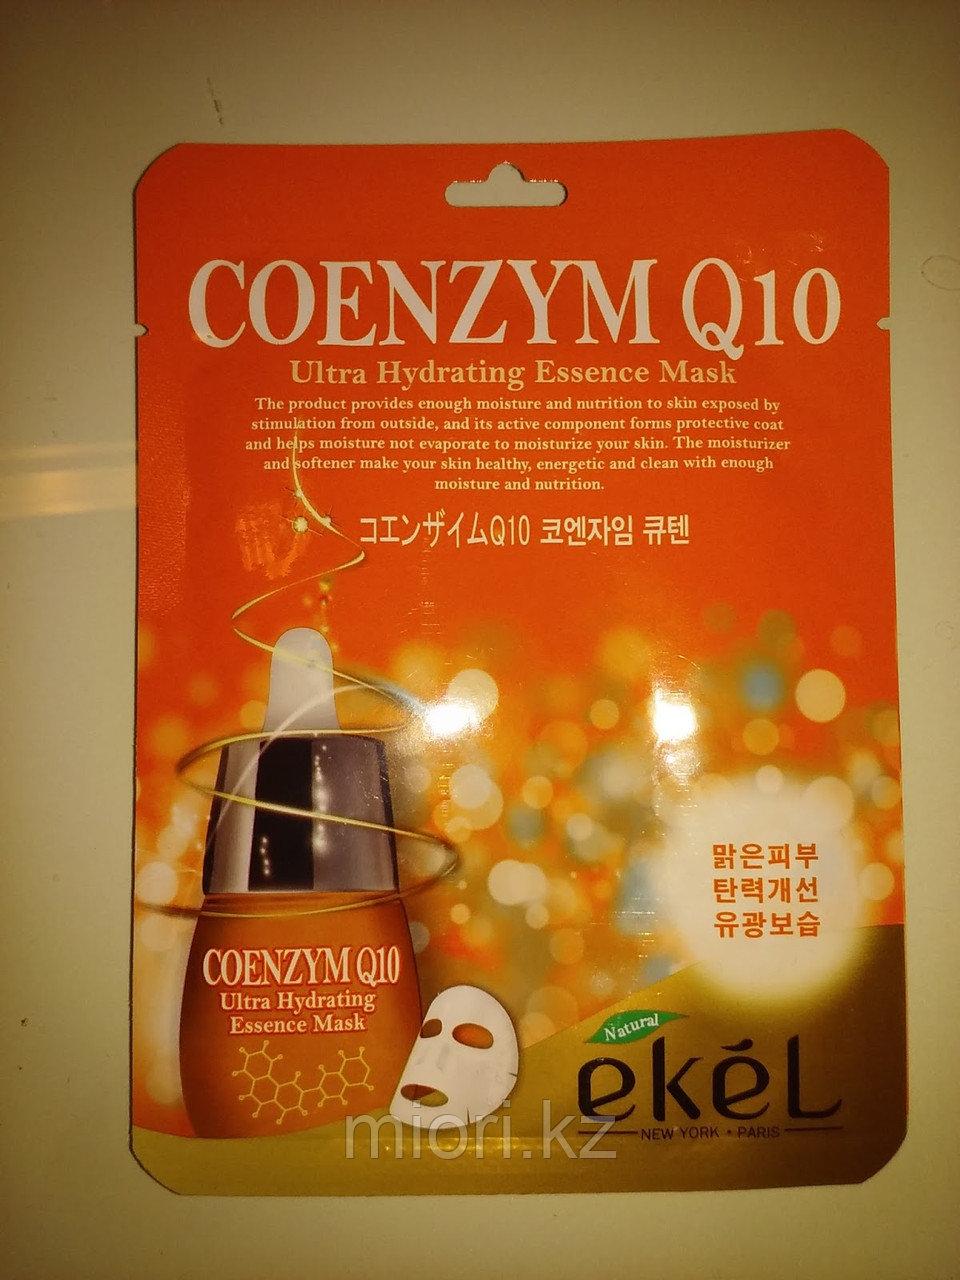 Coenzym Q10 Ultra Hydrating Essence Mask [Ekel]